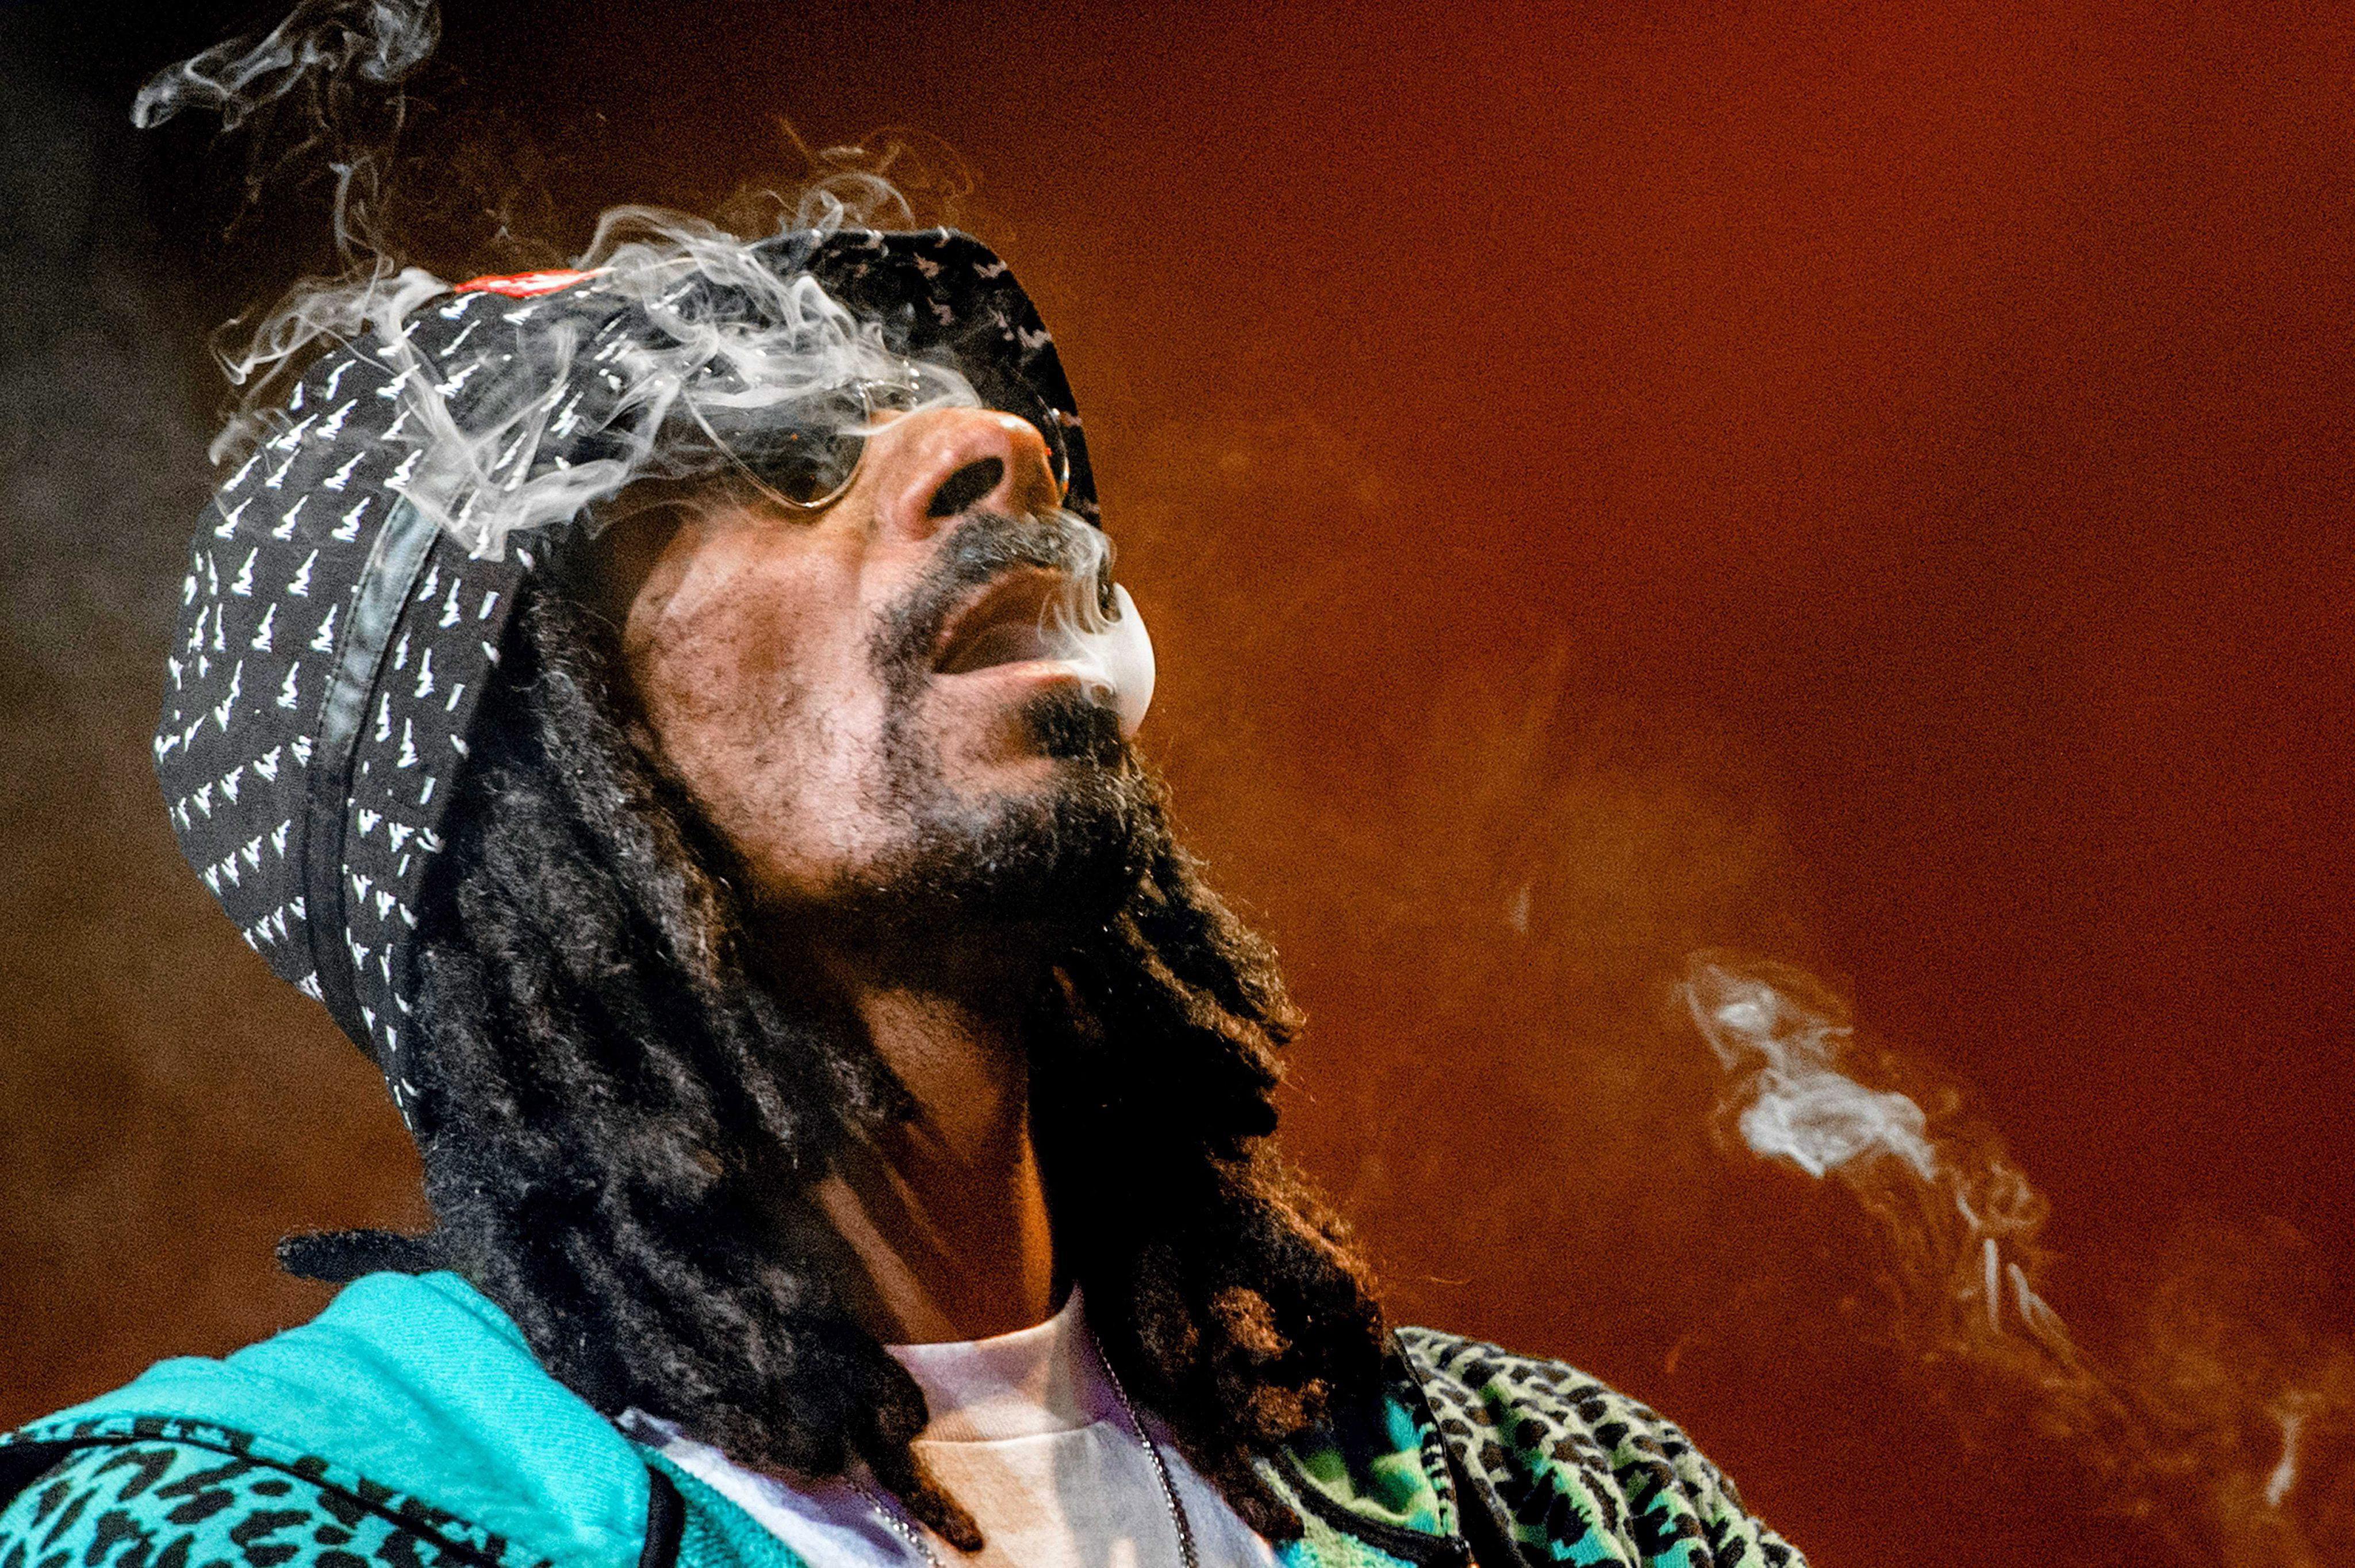 Snoop Dogg egy izraeli kannabiszcég reklámarca lett